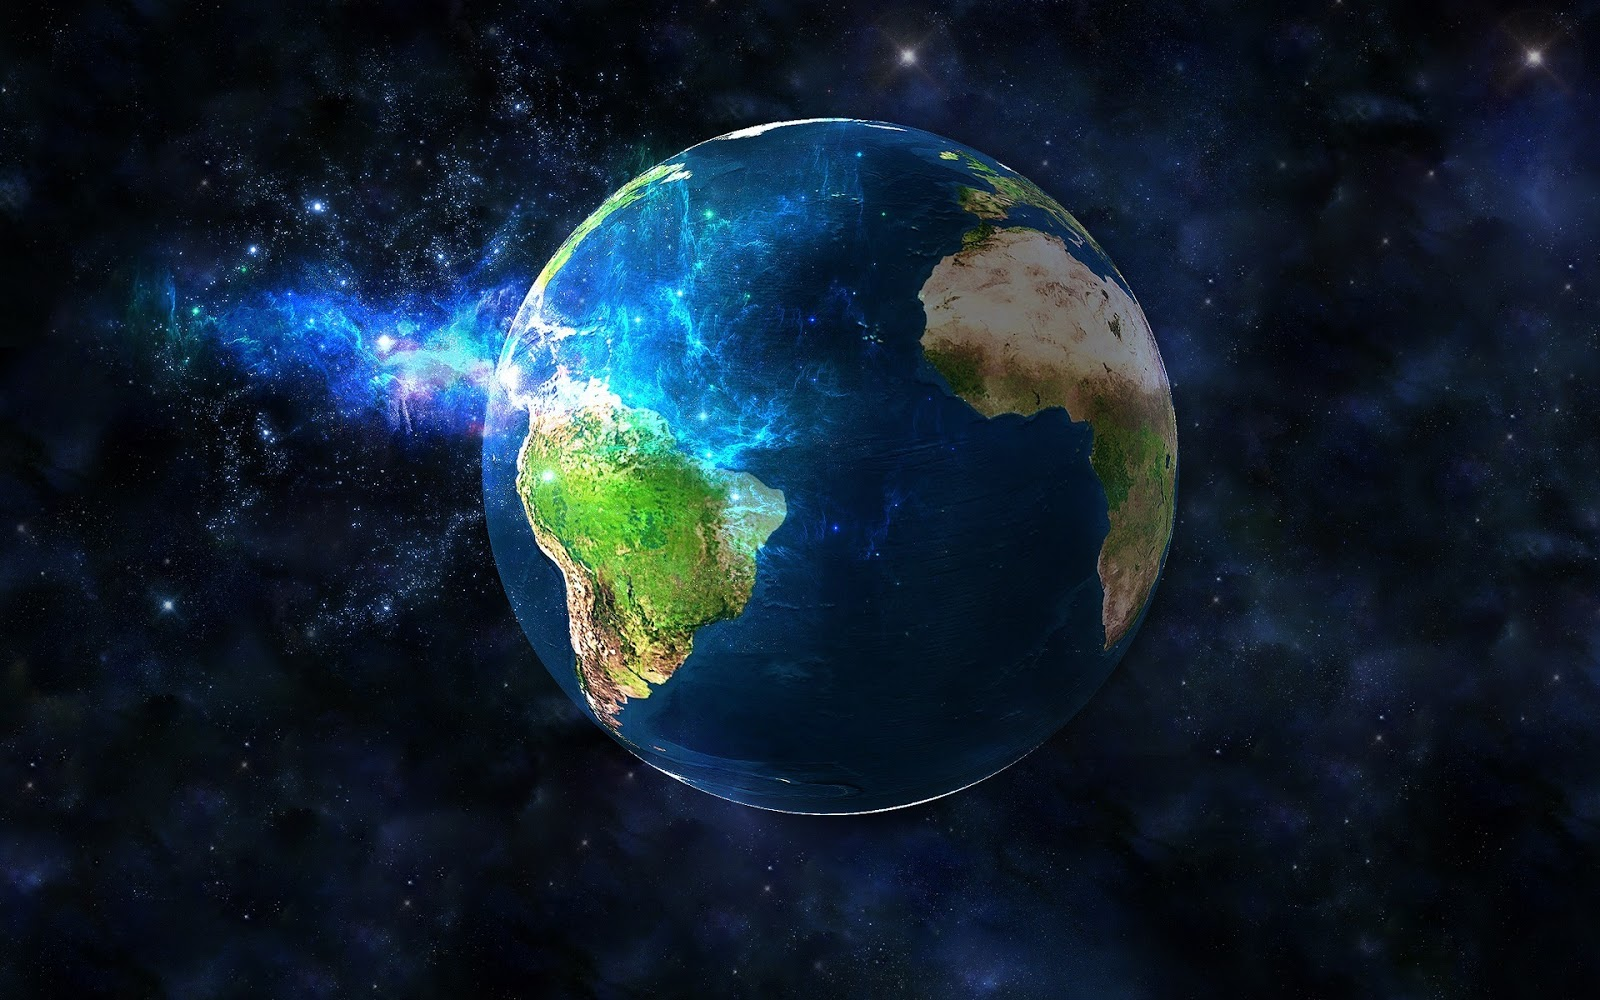 Imágenes Hilandy: Fondo de Pantalla Abstracto Planeta tierra